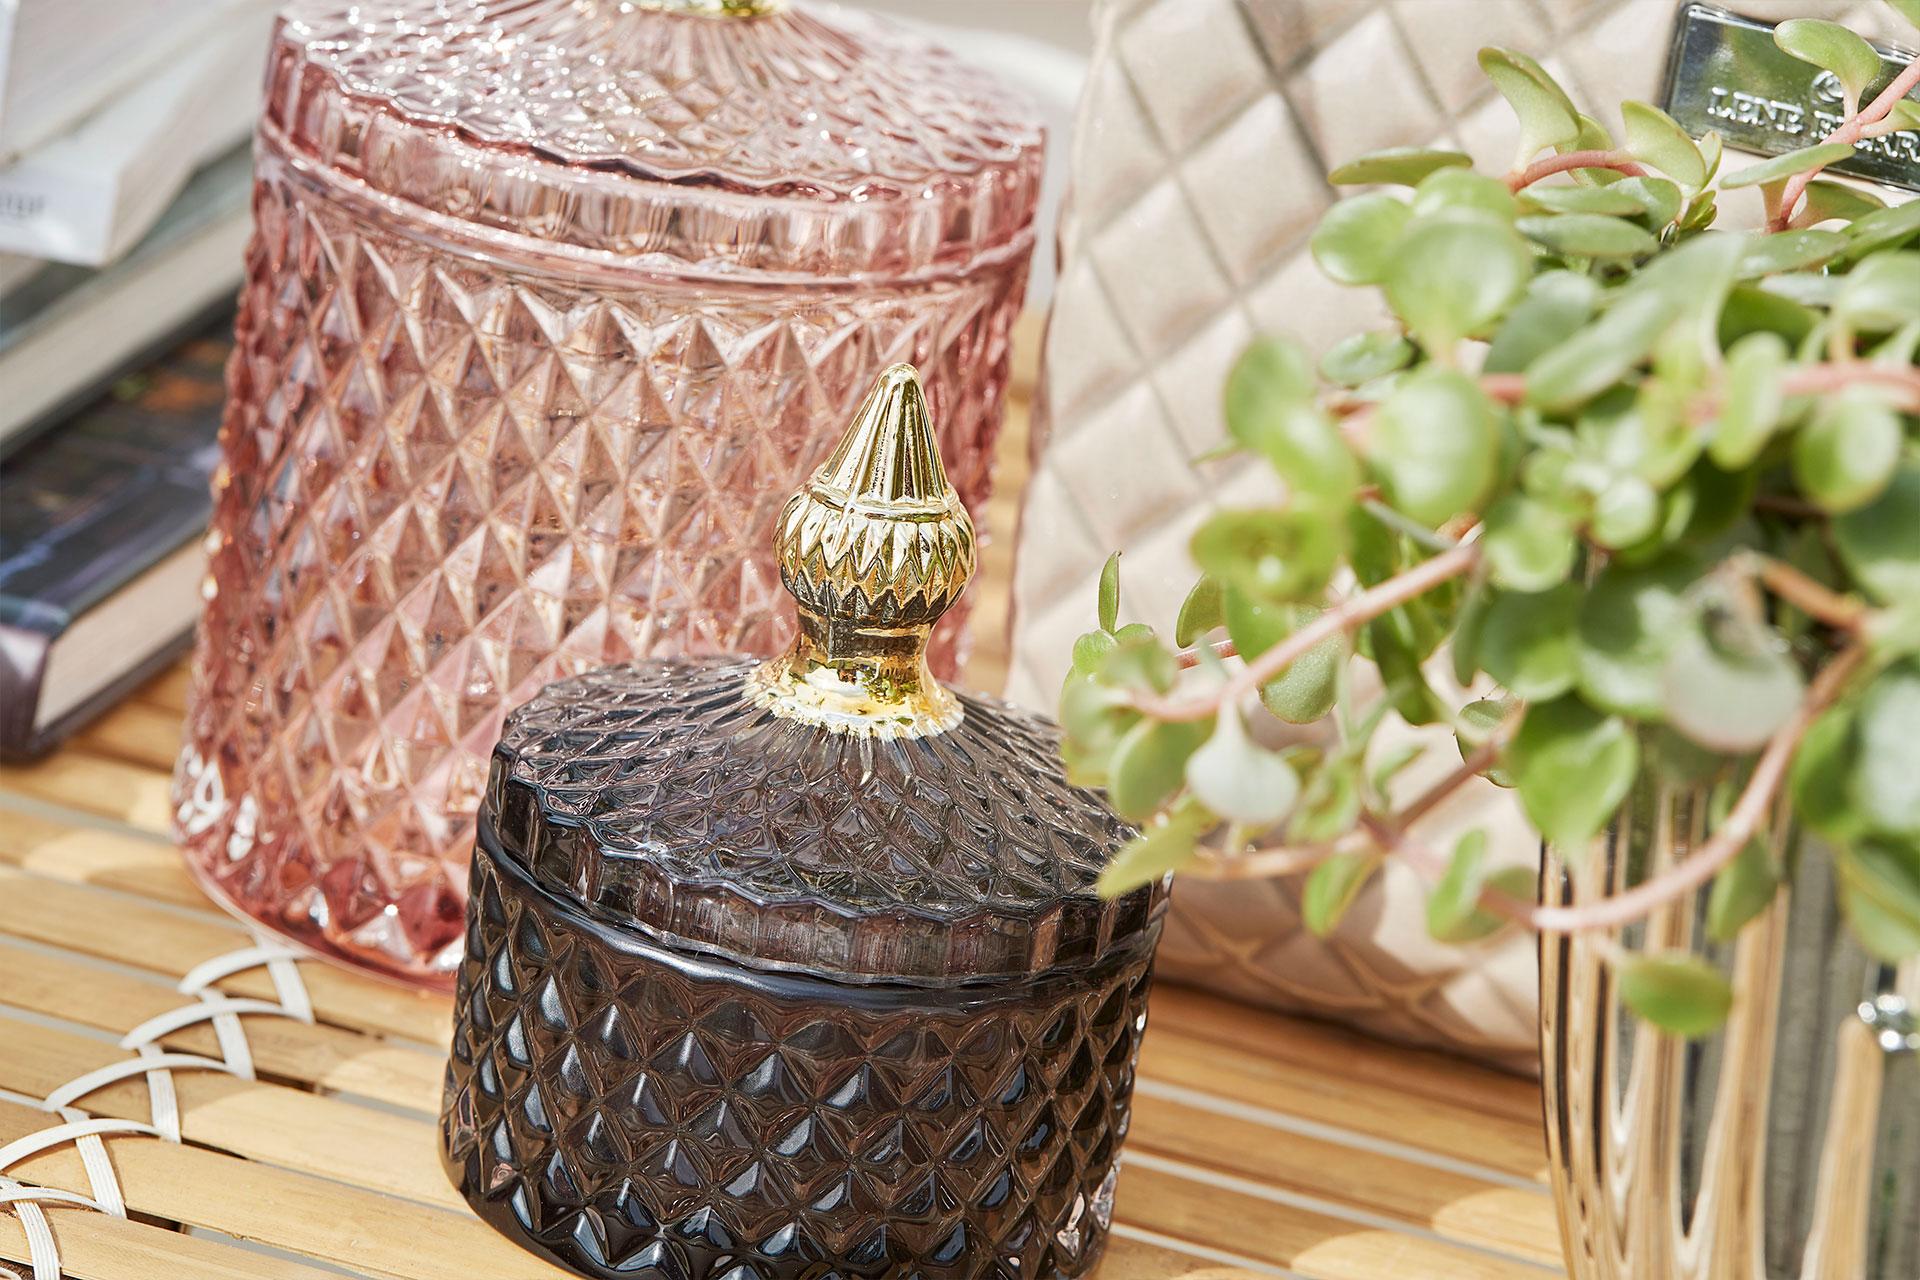 Home decor wholesaler of glass jars - Lene Bjerre